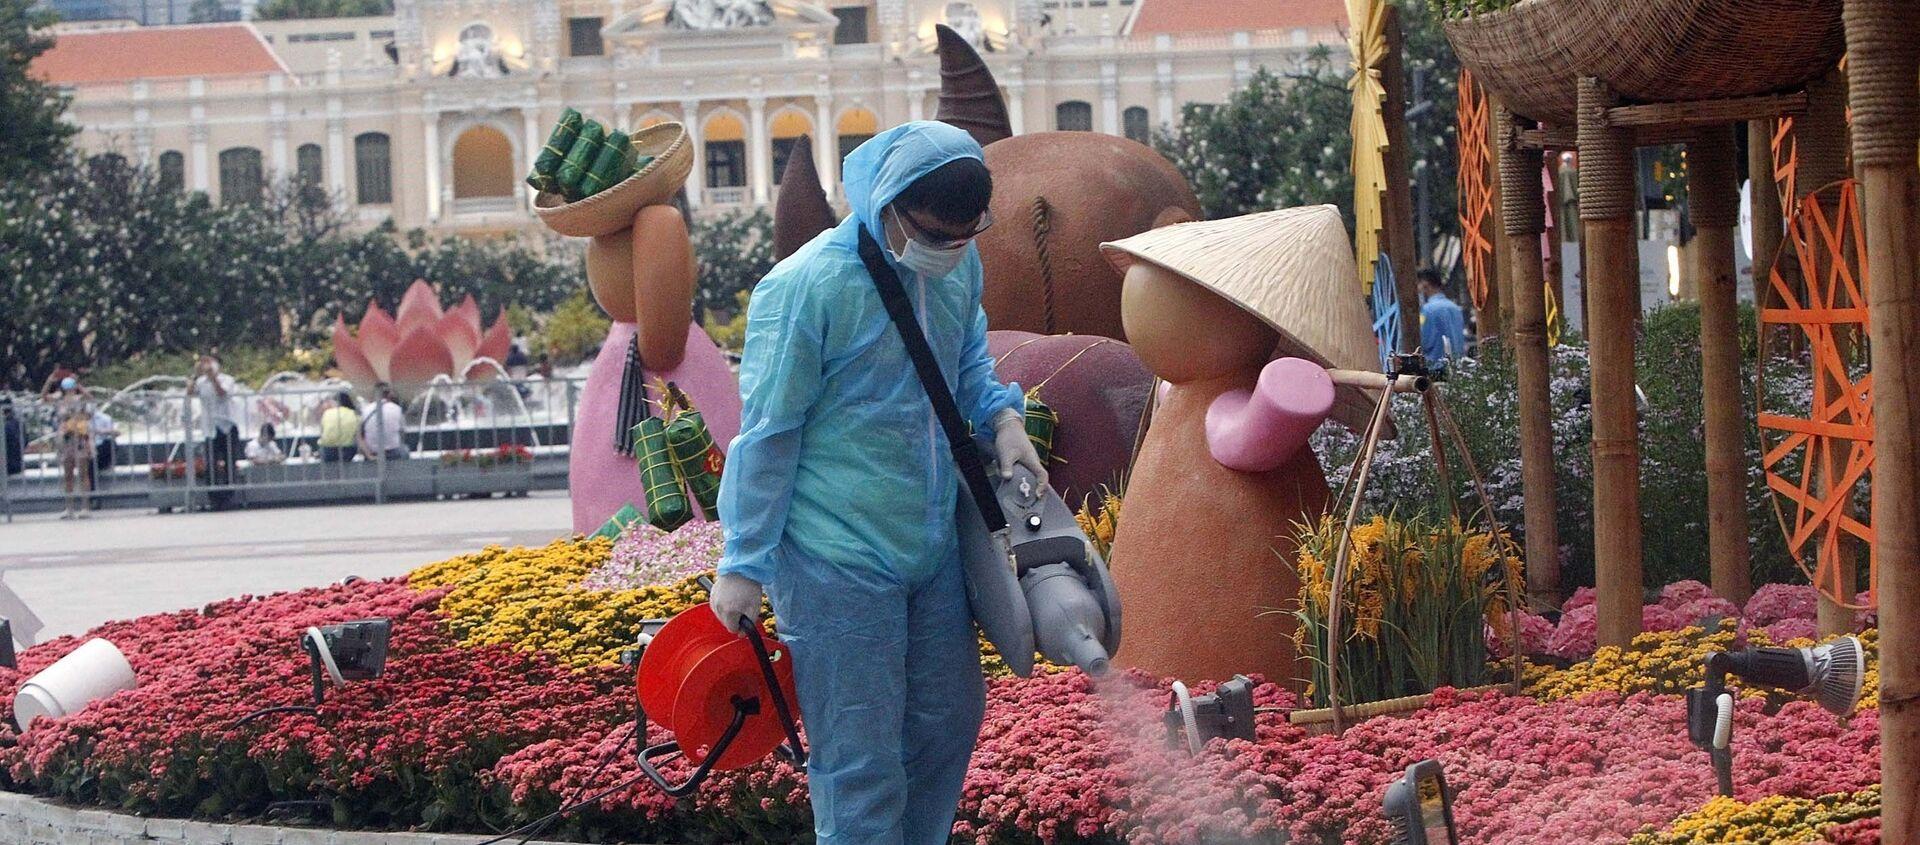 Nhân viên y tế dự phòng phun khử khuẩn tại khu vực Đường Hoa xuân năm 2021, chiều 30 Tết. - Sputnik Việt Nam, 1920, 11.02.2021